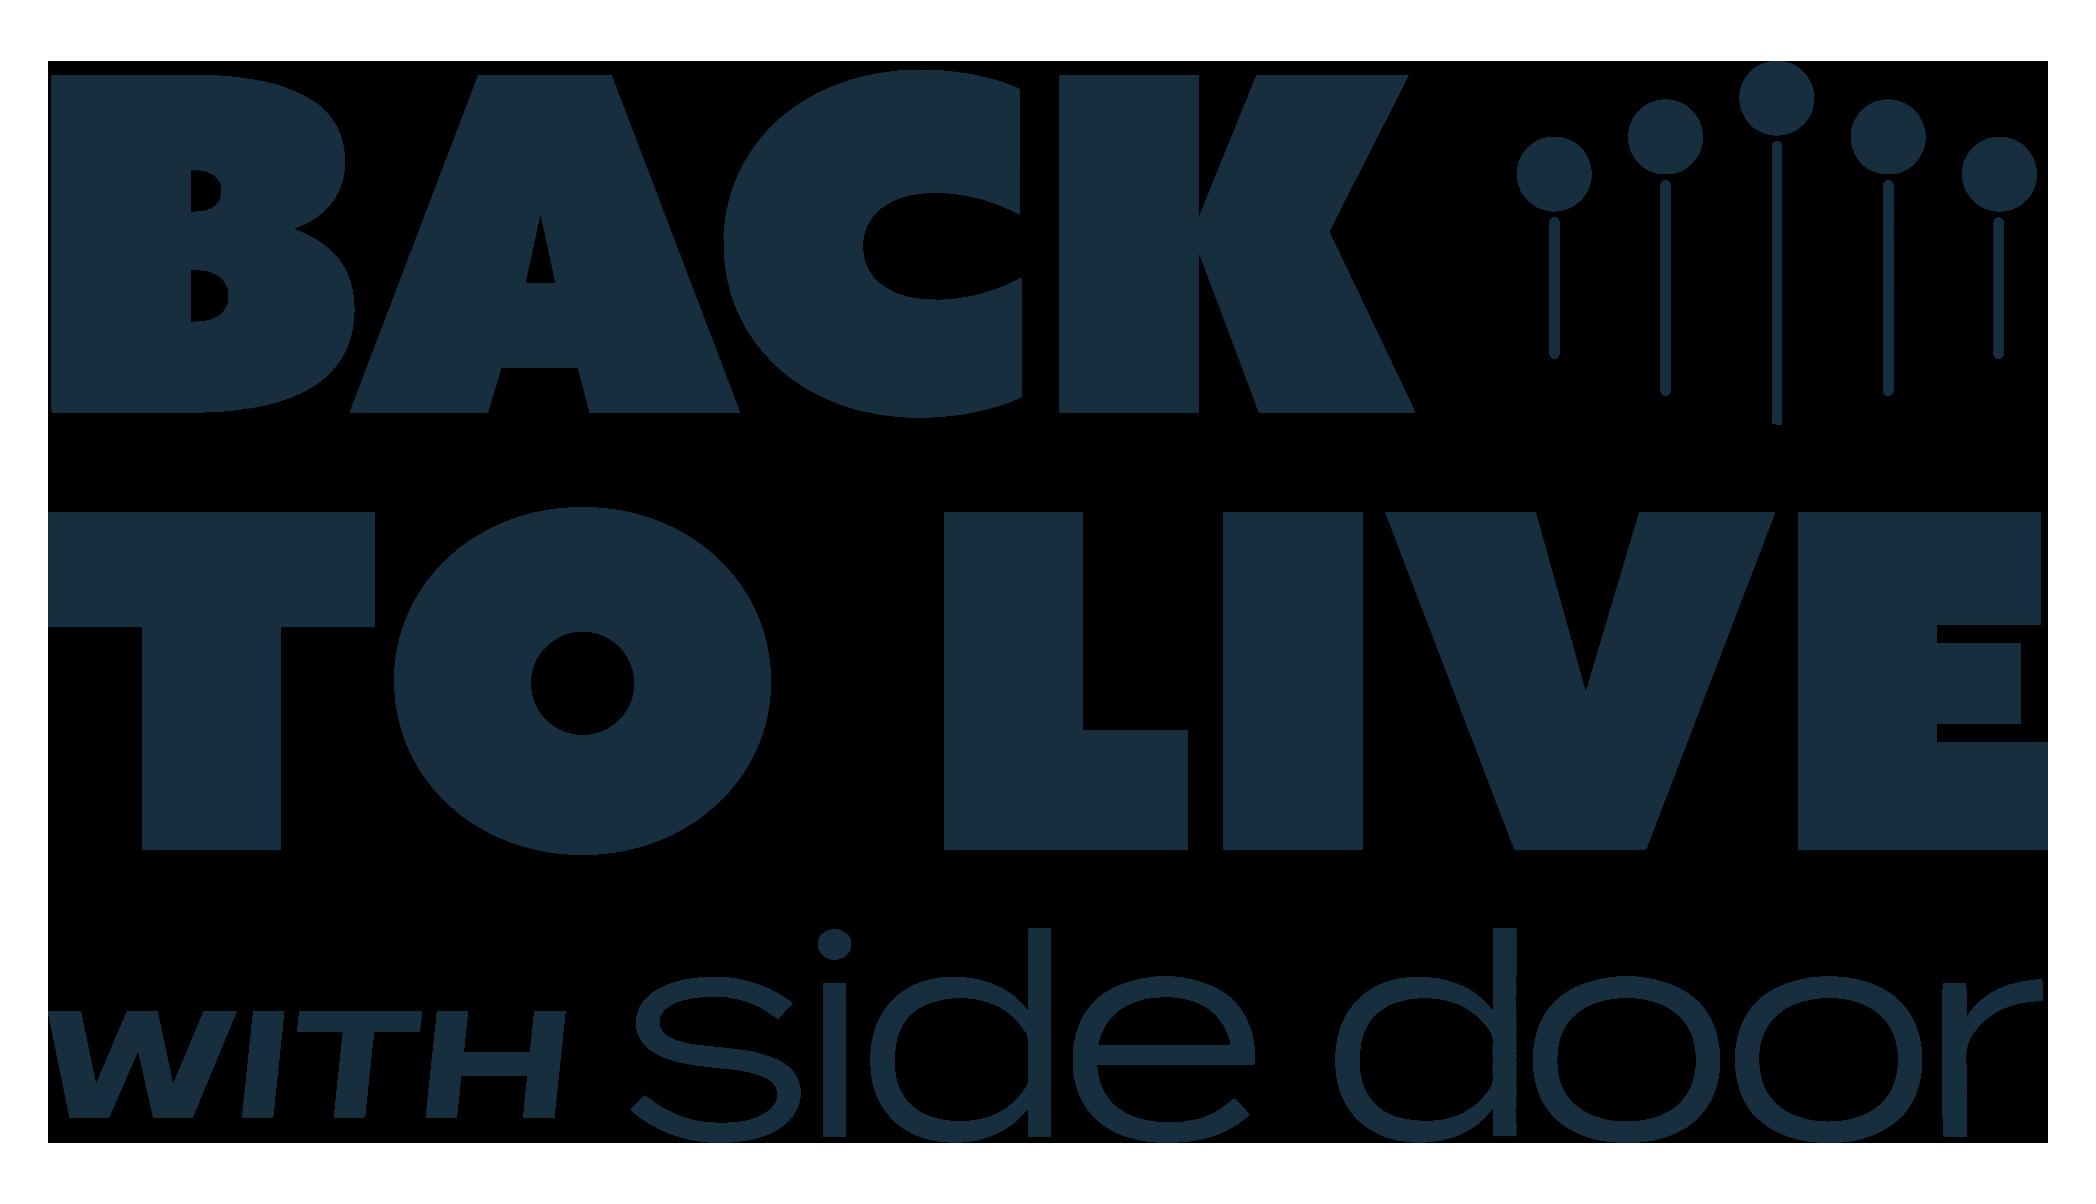 backtolive logo.png